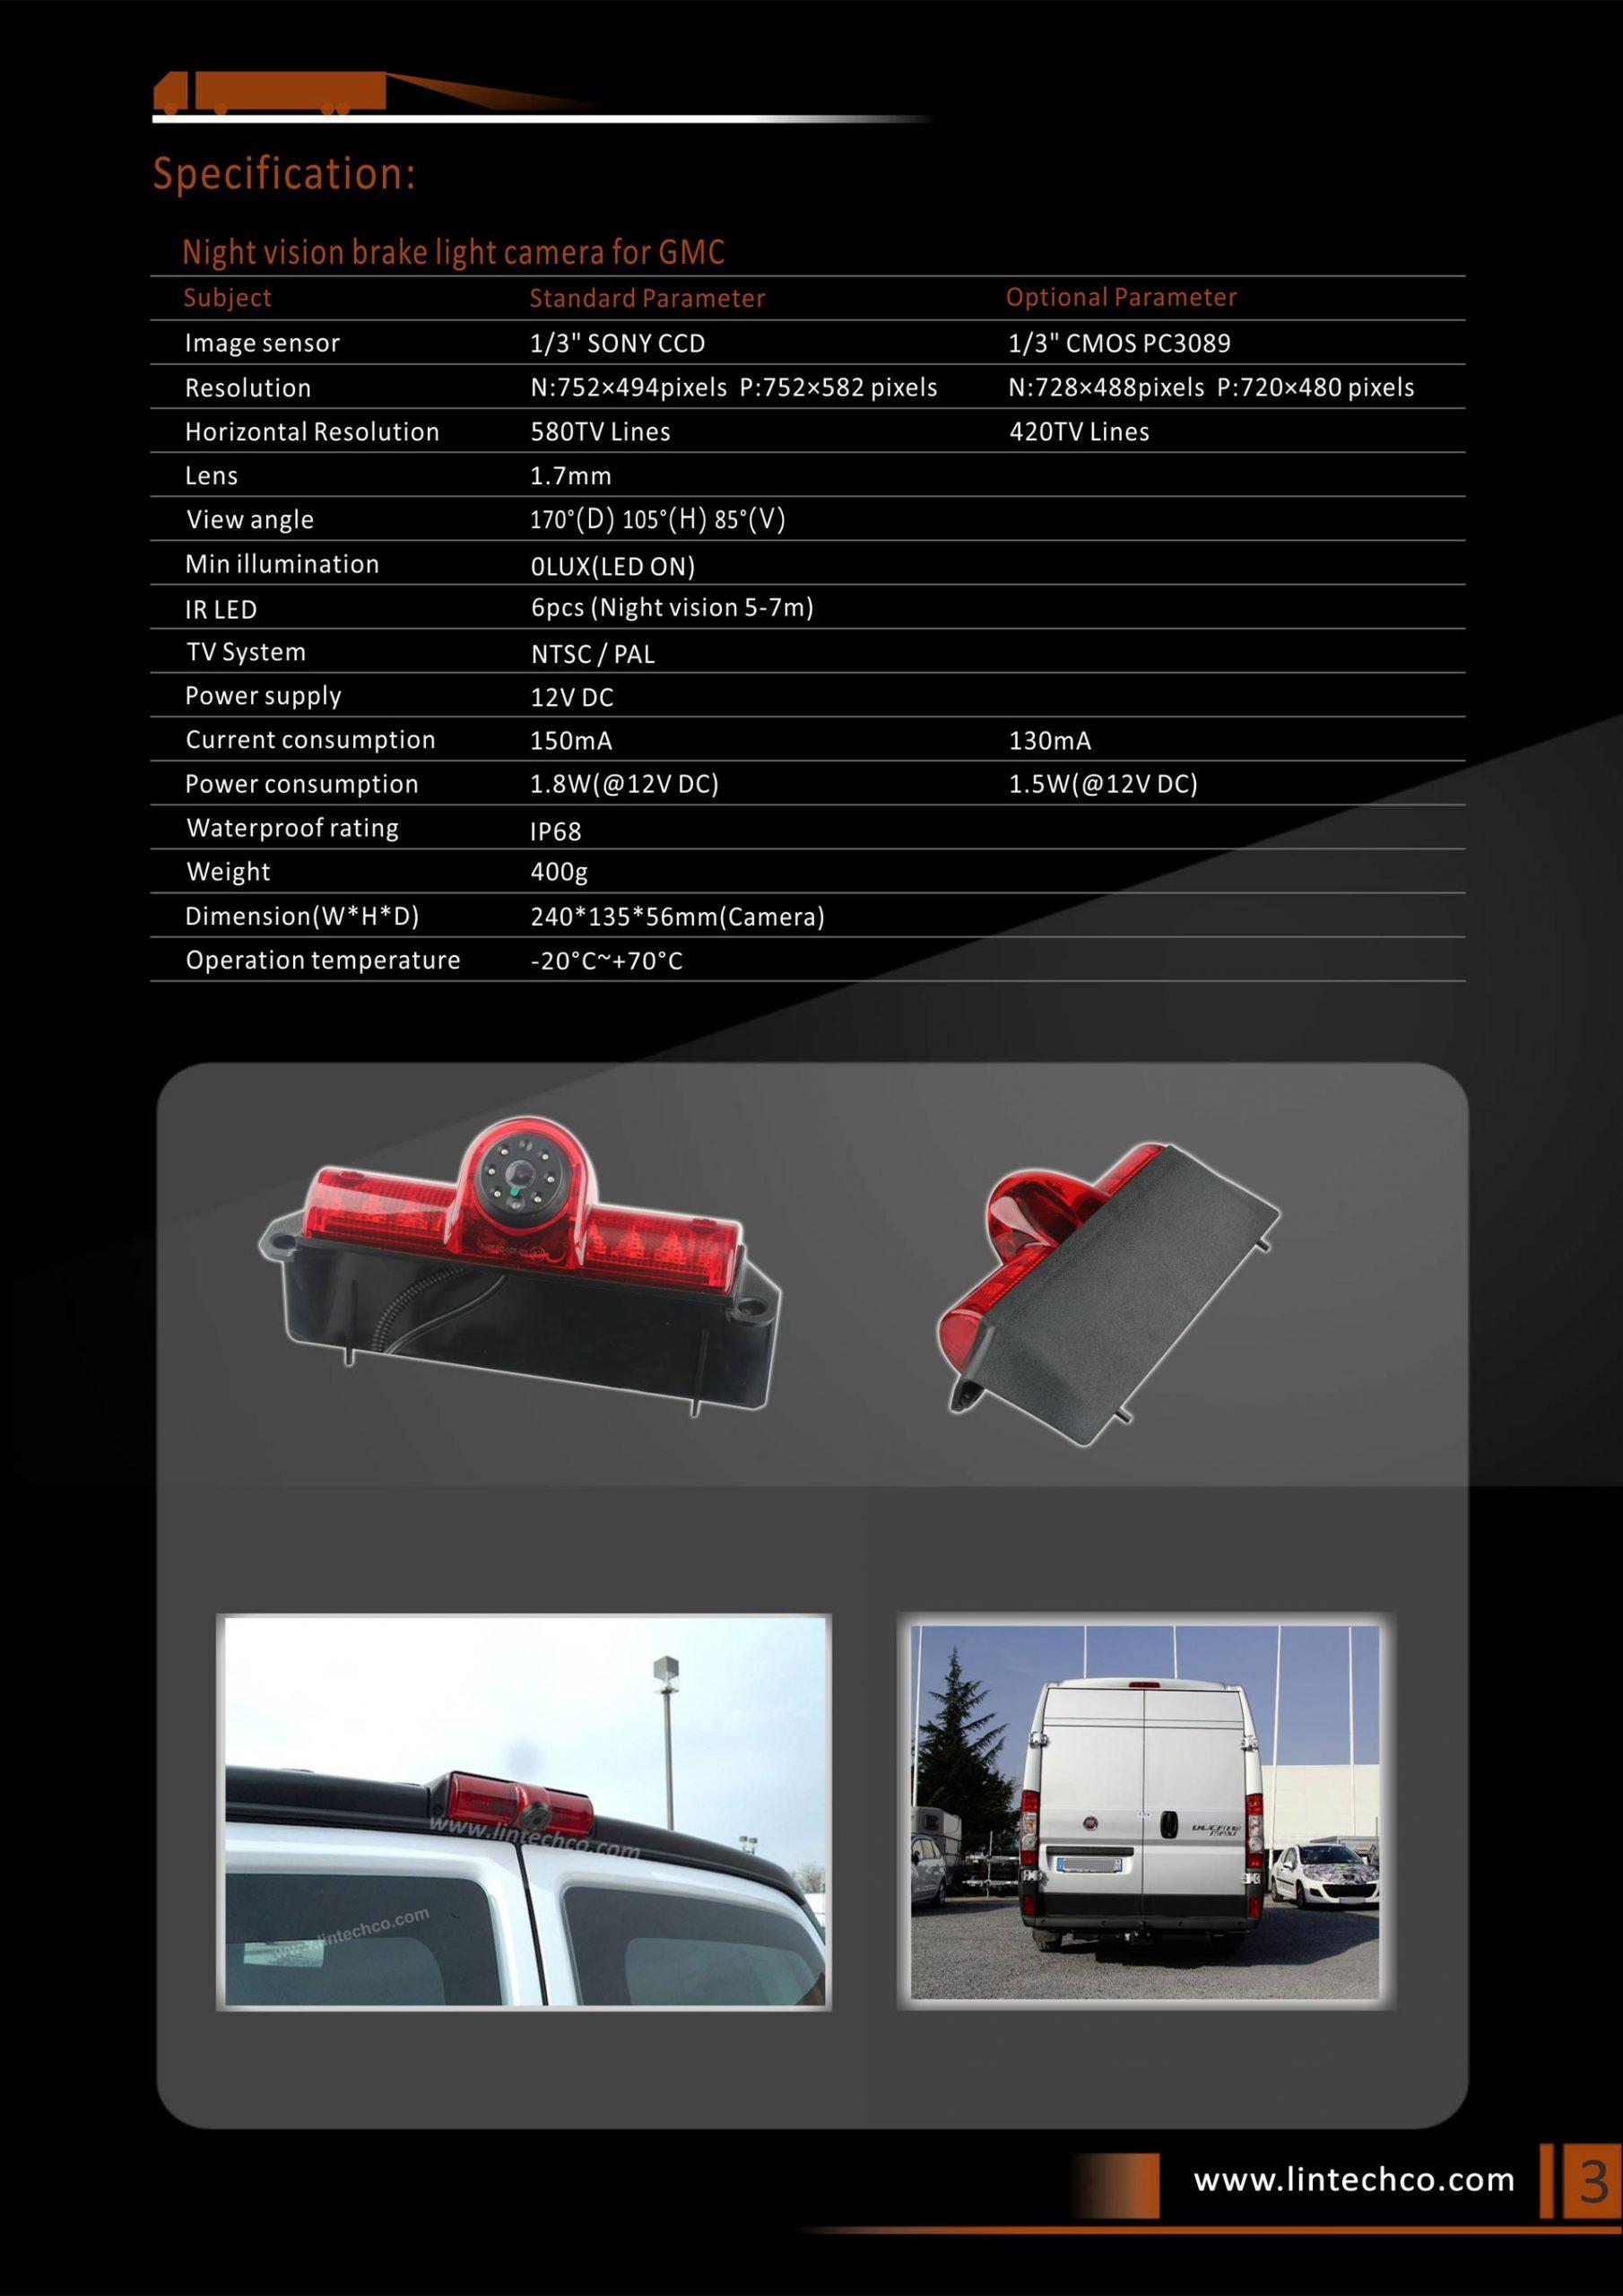 3. Brake Light Camera for GMC